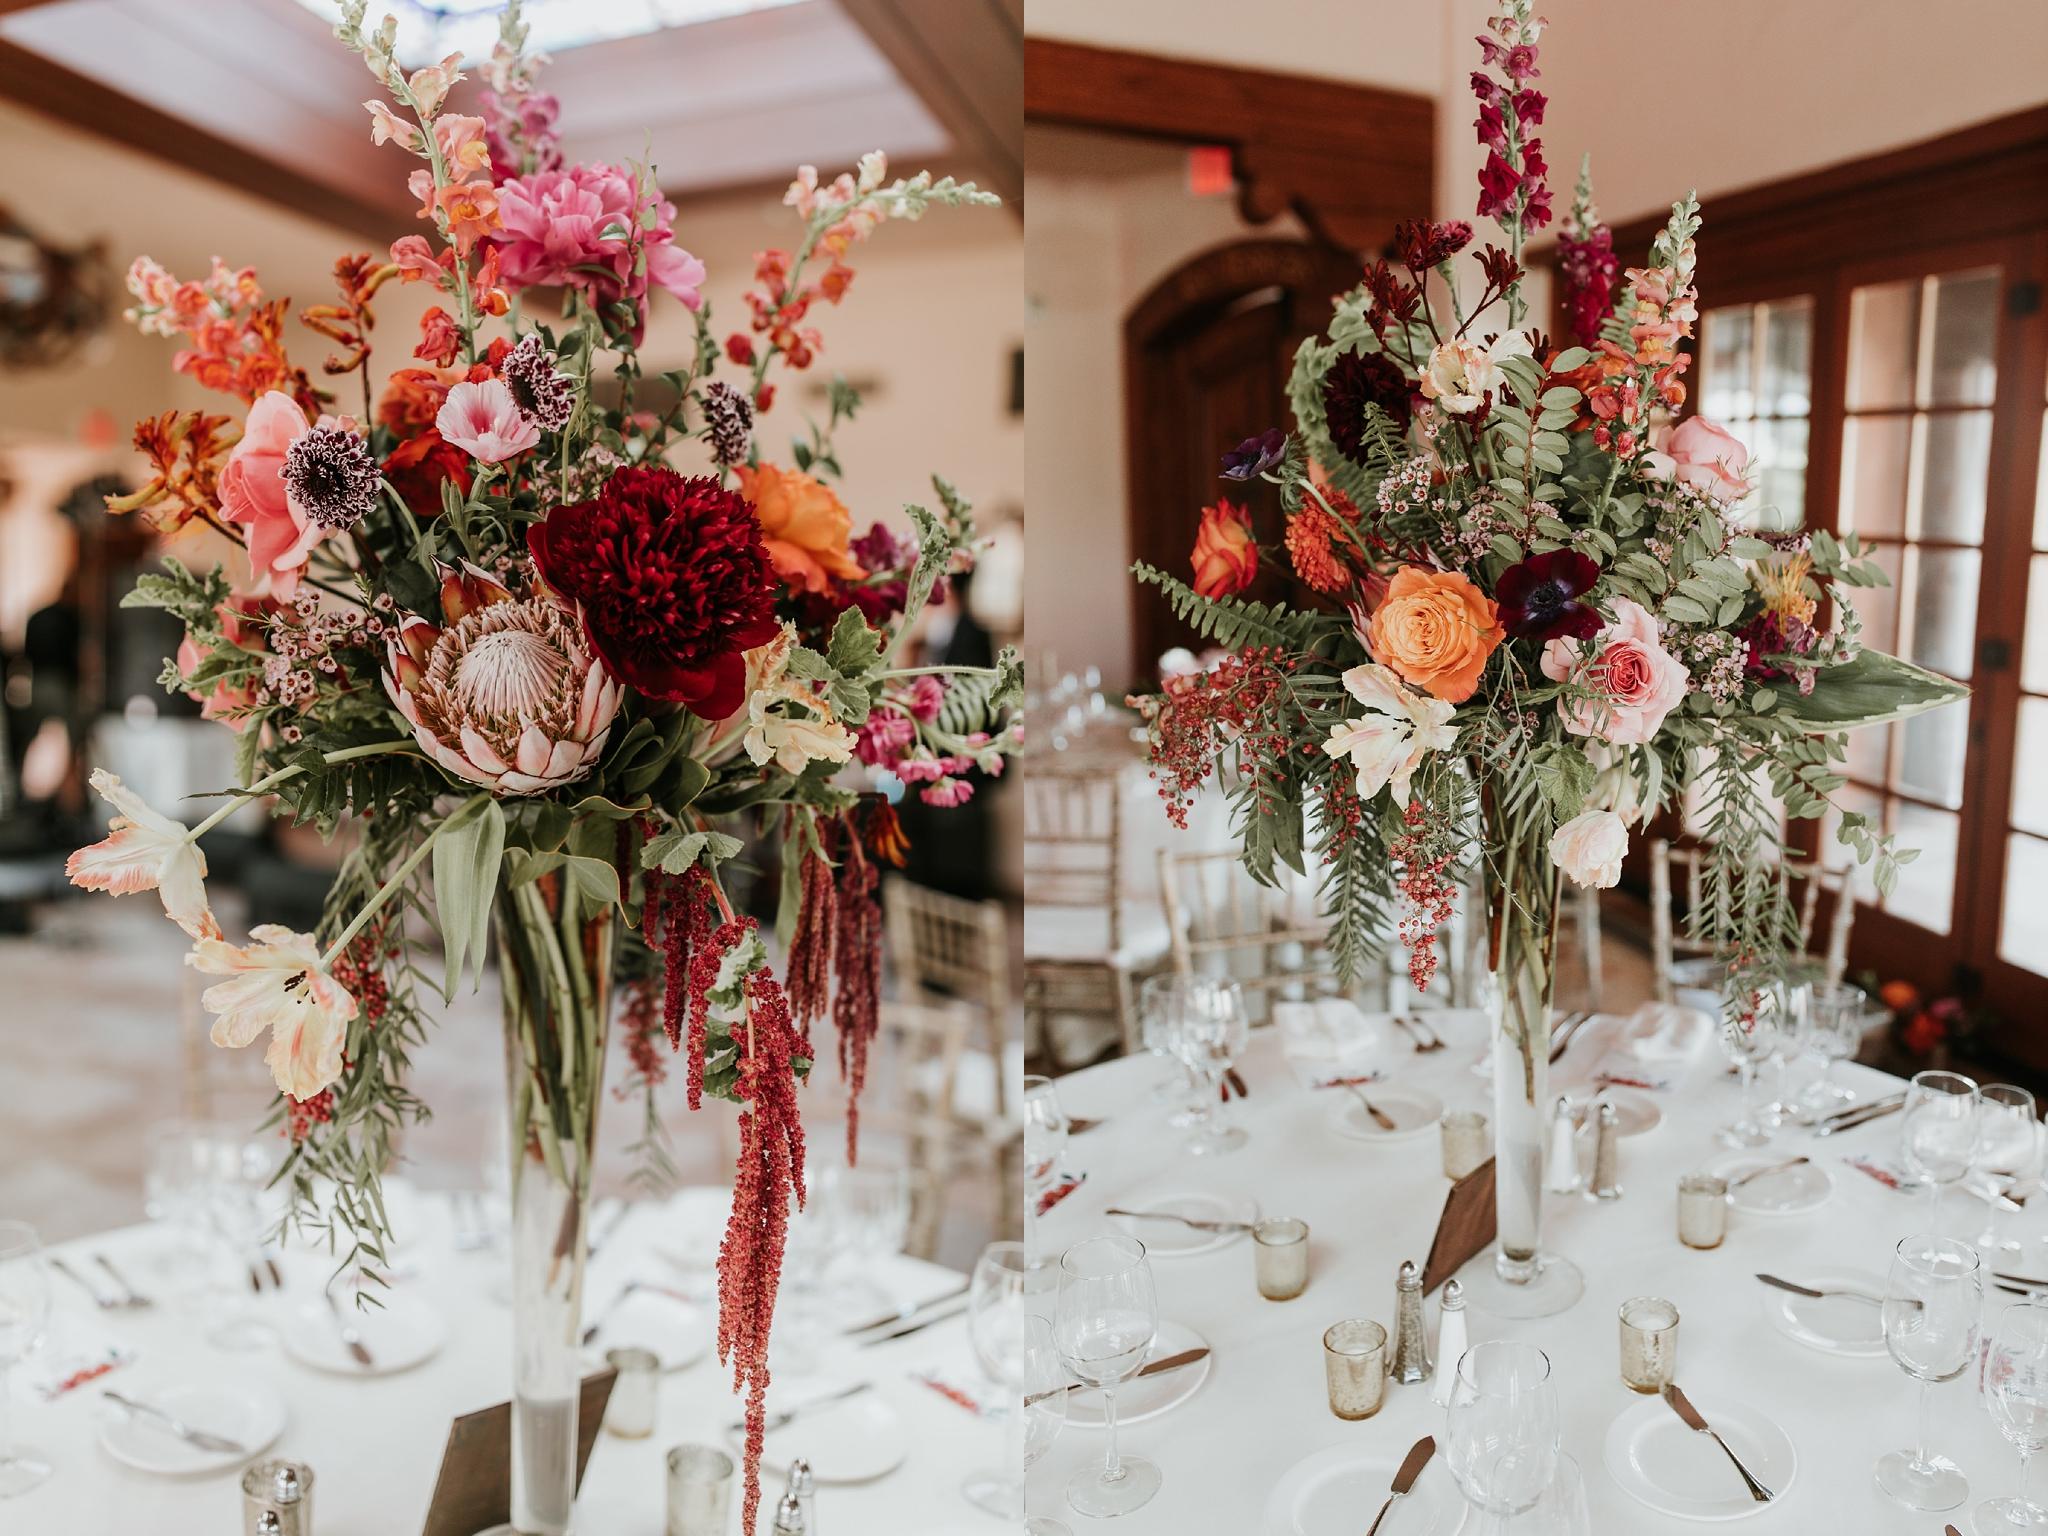 Alicia+lucia+photography+-+albuquerque+wedding+photographer+-+santa+fe+wedding+photography+-+new+mexico+wedding+photographer+-+new+mexico+florist+-+wedding+florist+-+renegade+floral_0041.jpg